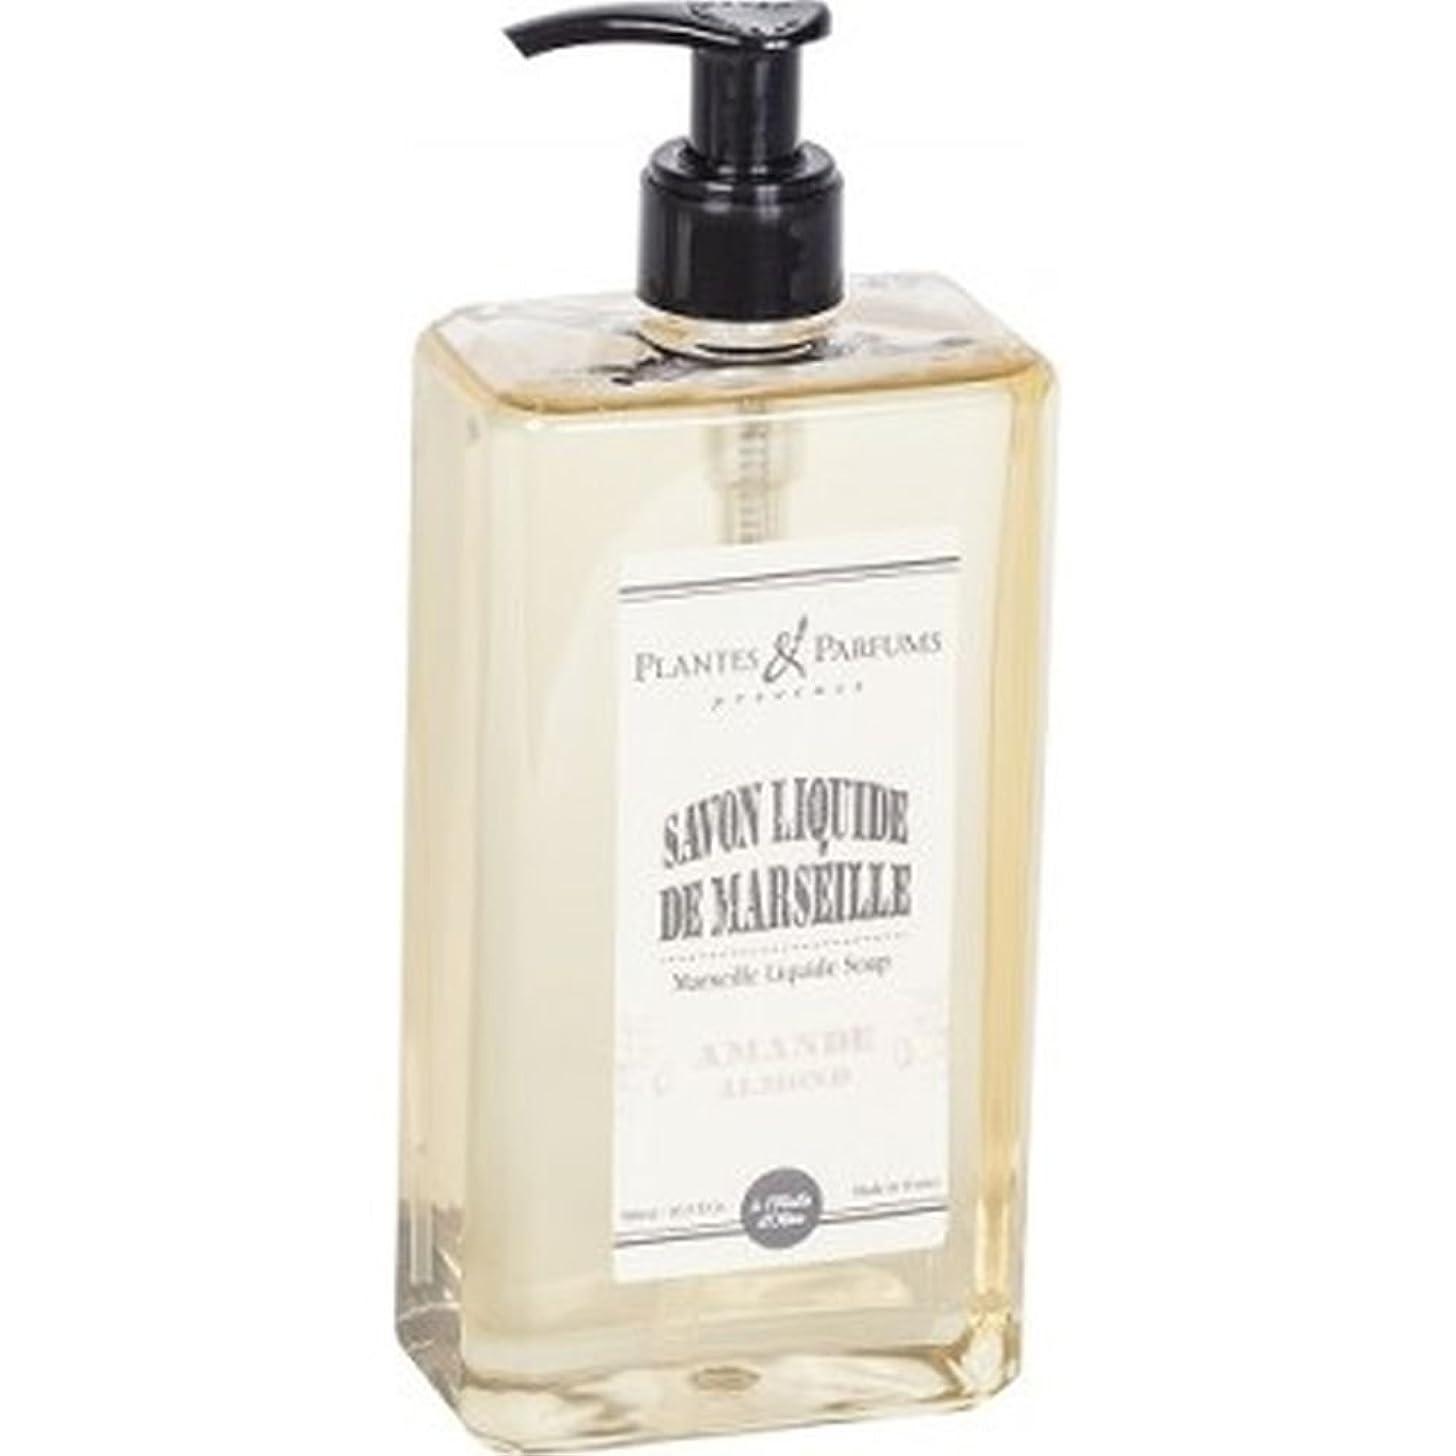 実現可能性有名人良性Plantes&Parfums [プランツ&パルファム] マルセイユリキッドソープ アーモンド